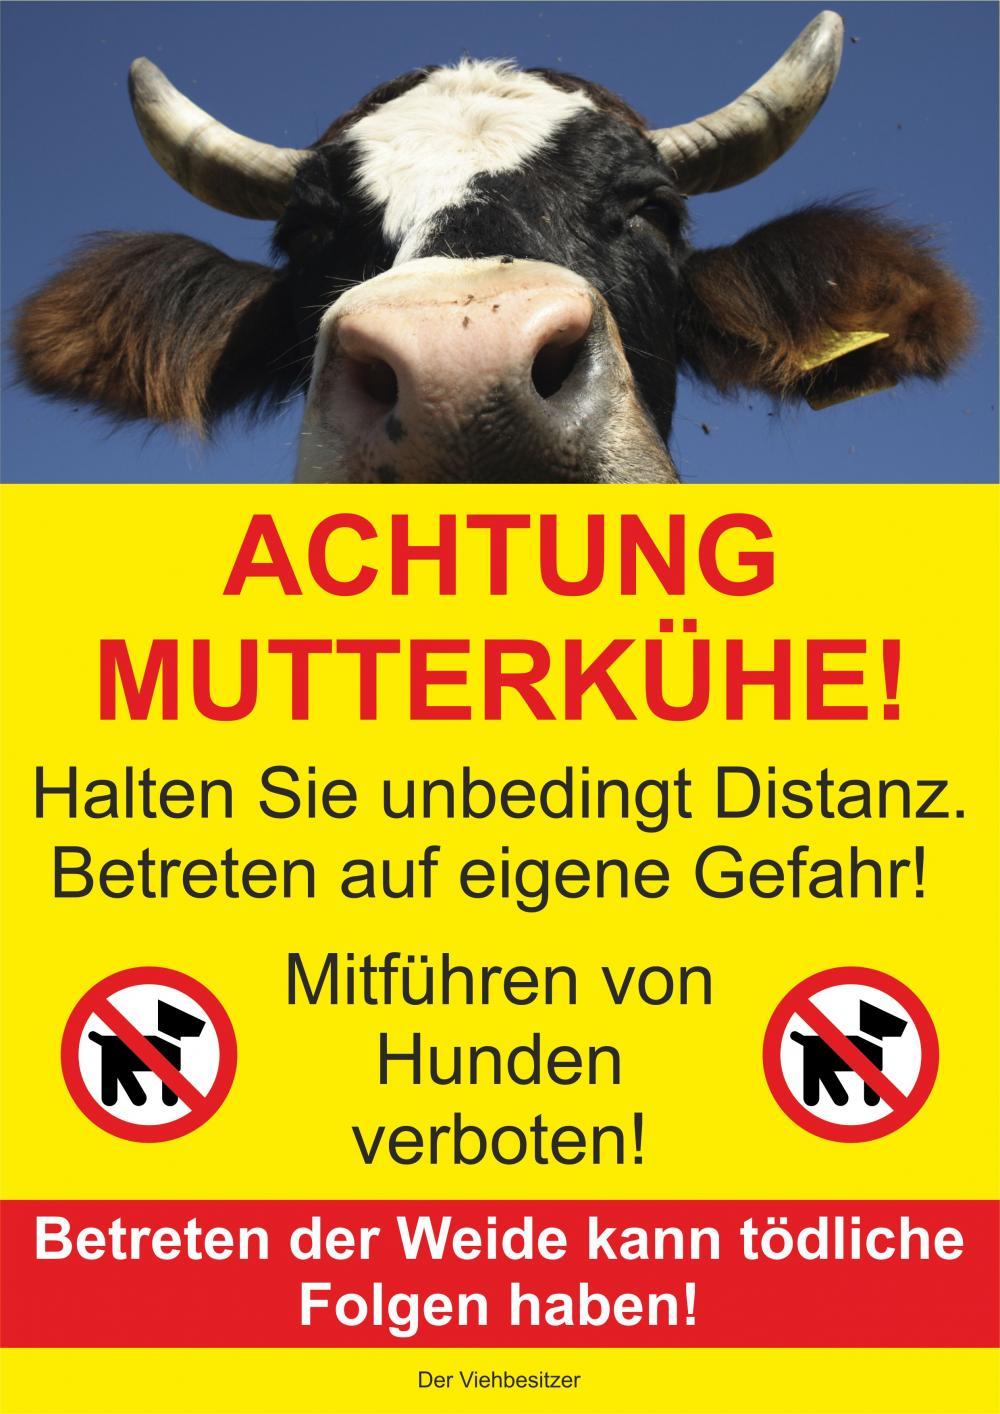 Achtung Mutterkühe!